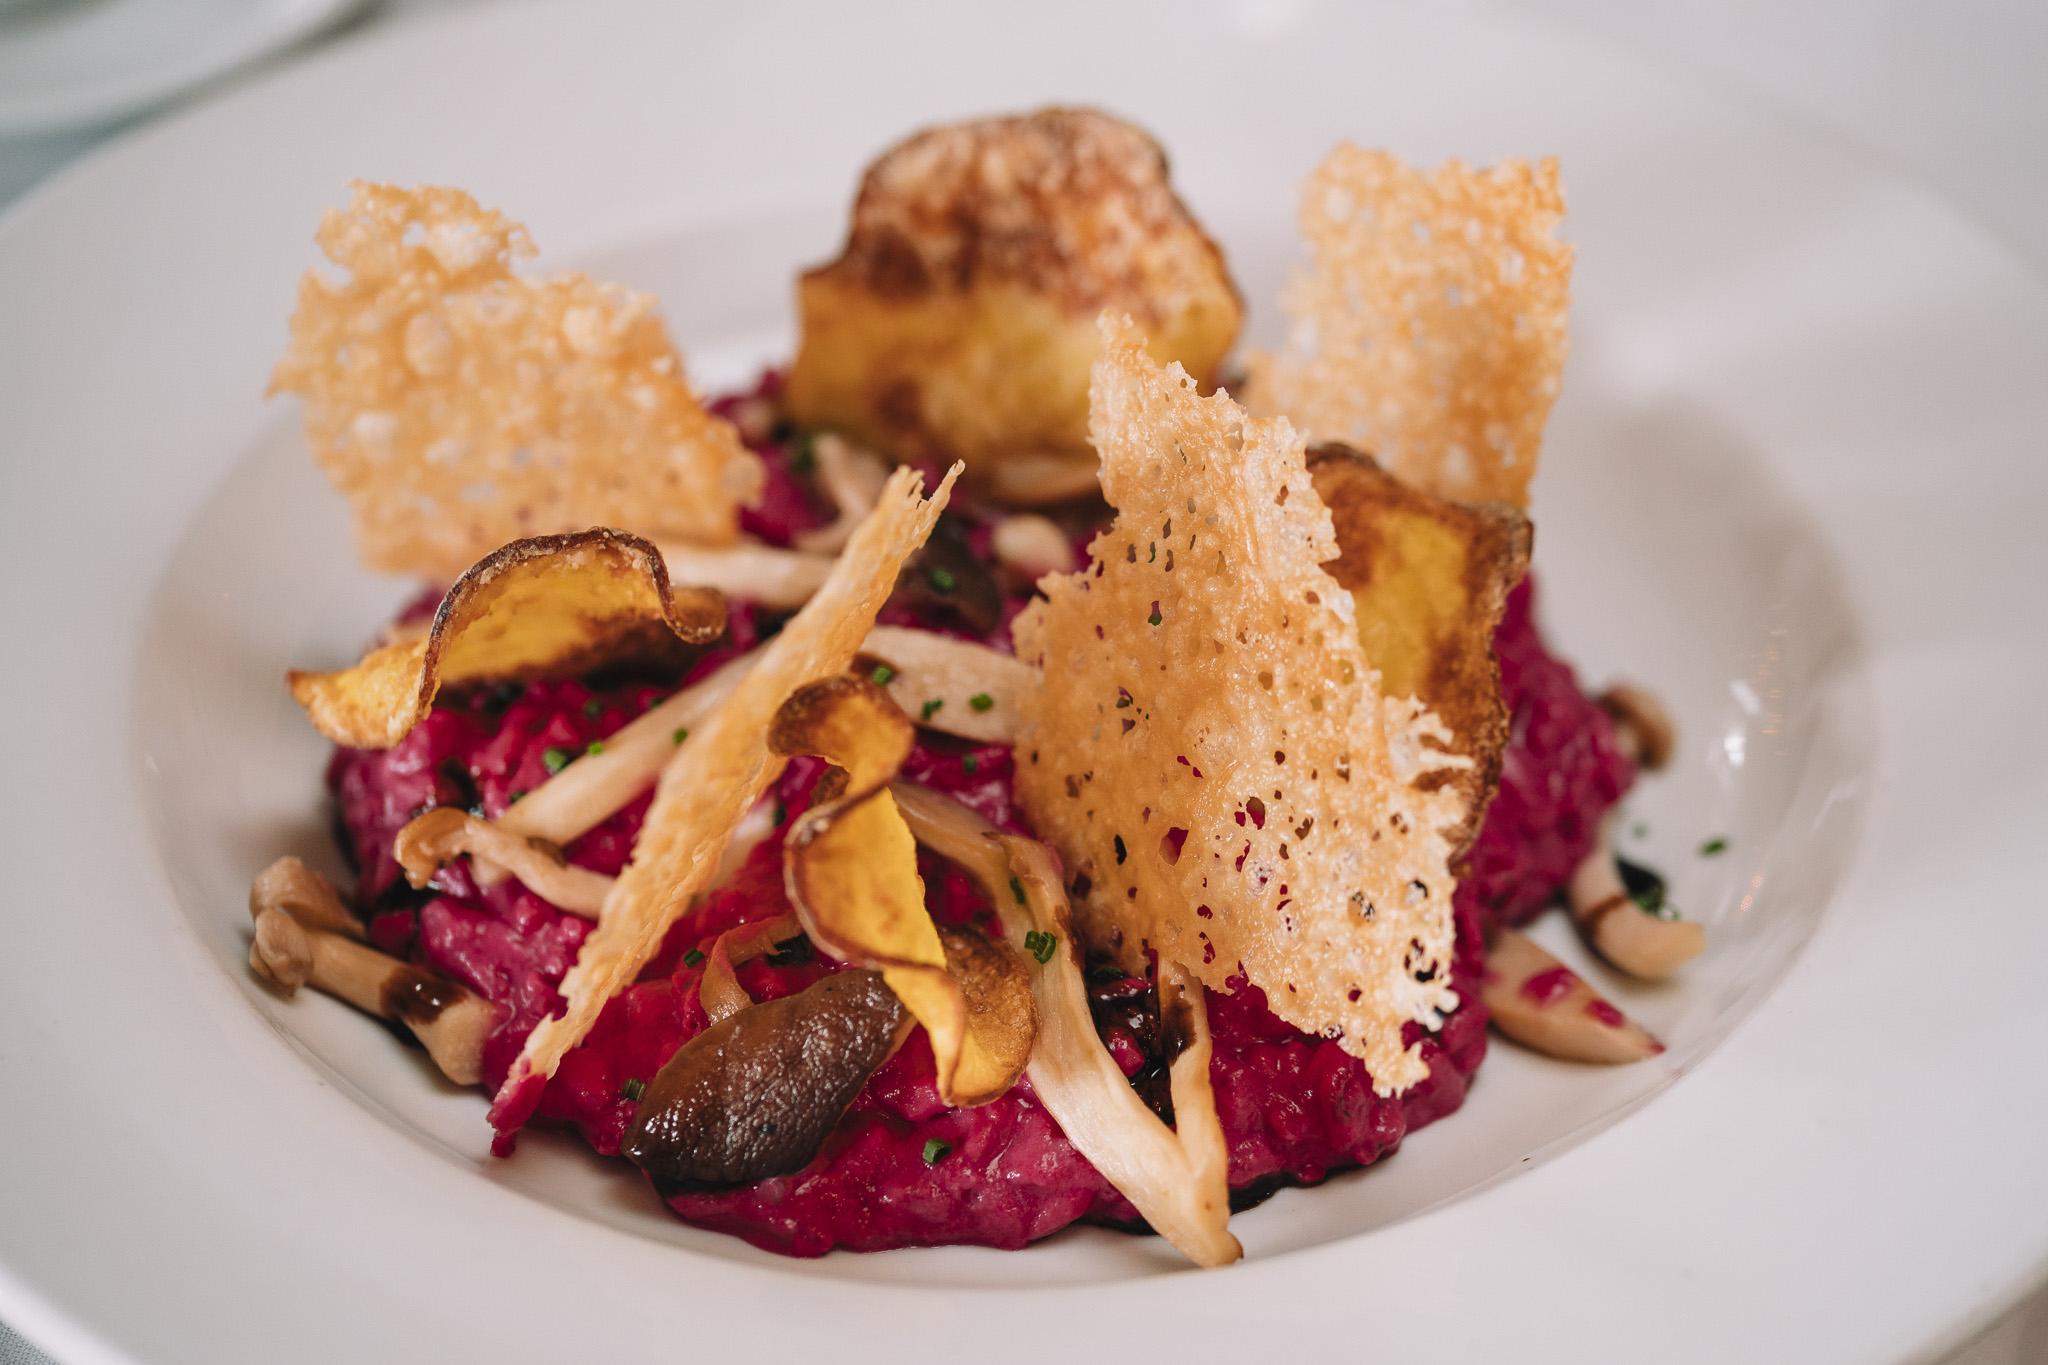 vegetarian food for wedding in swansea gower